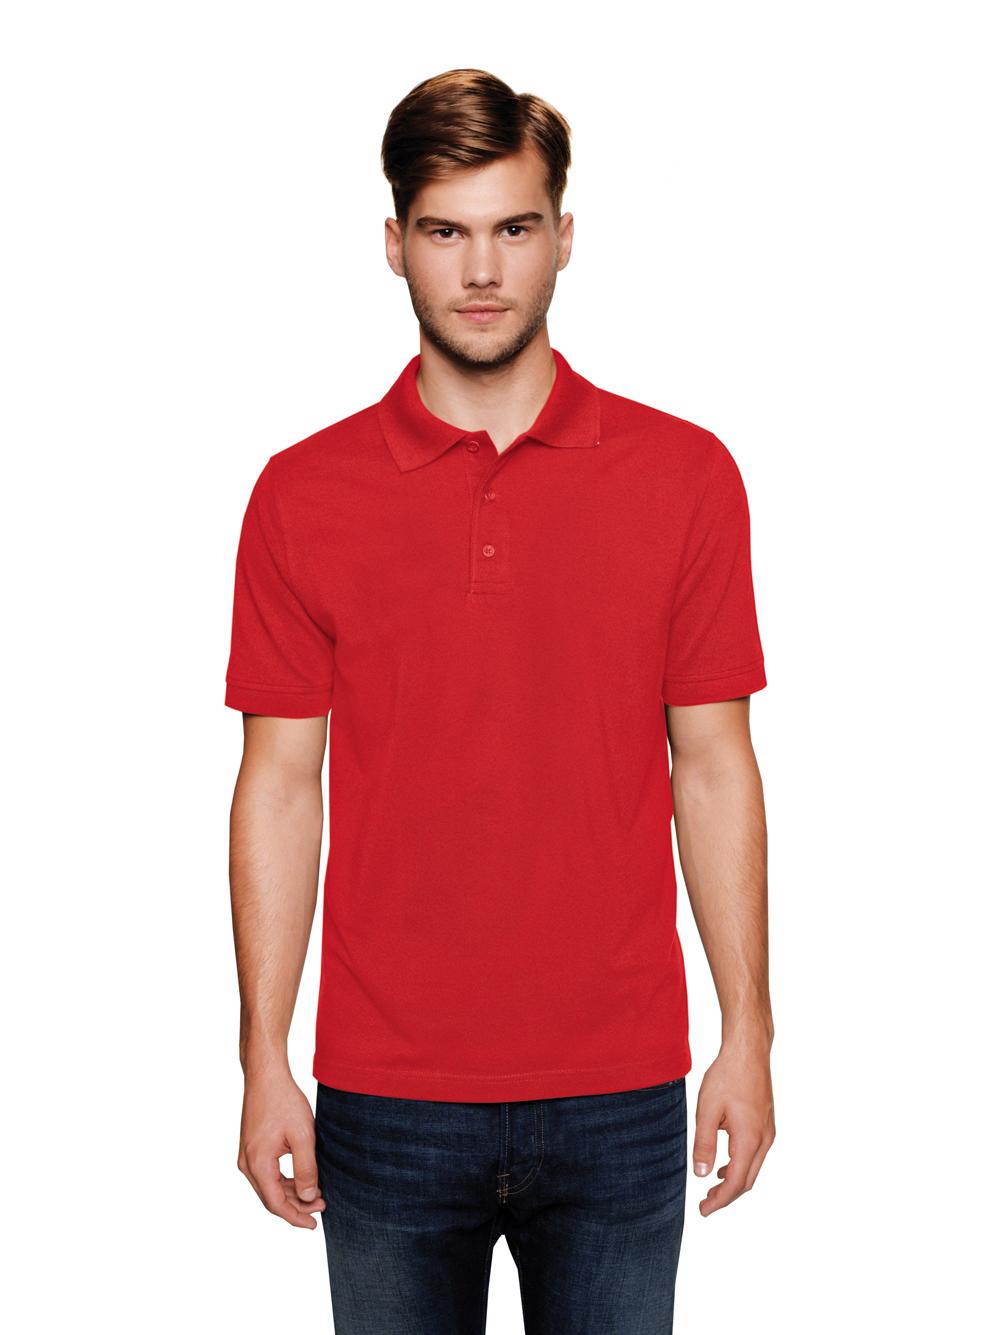 Pima Cotton Poloshirt Premium